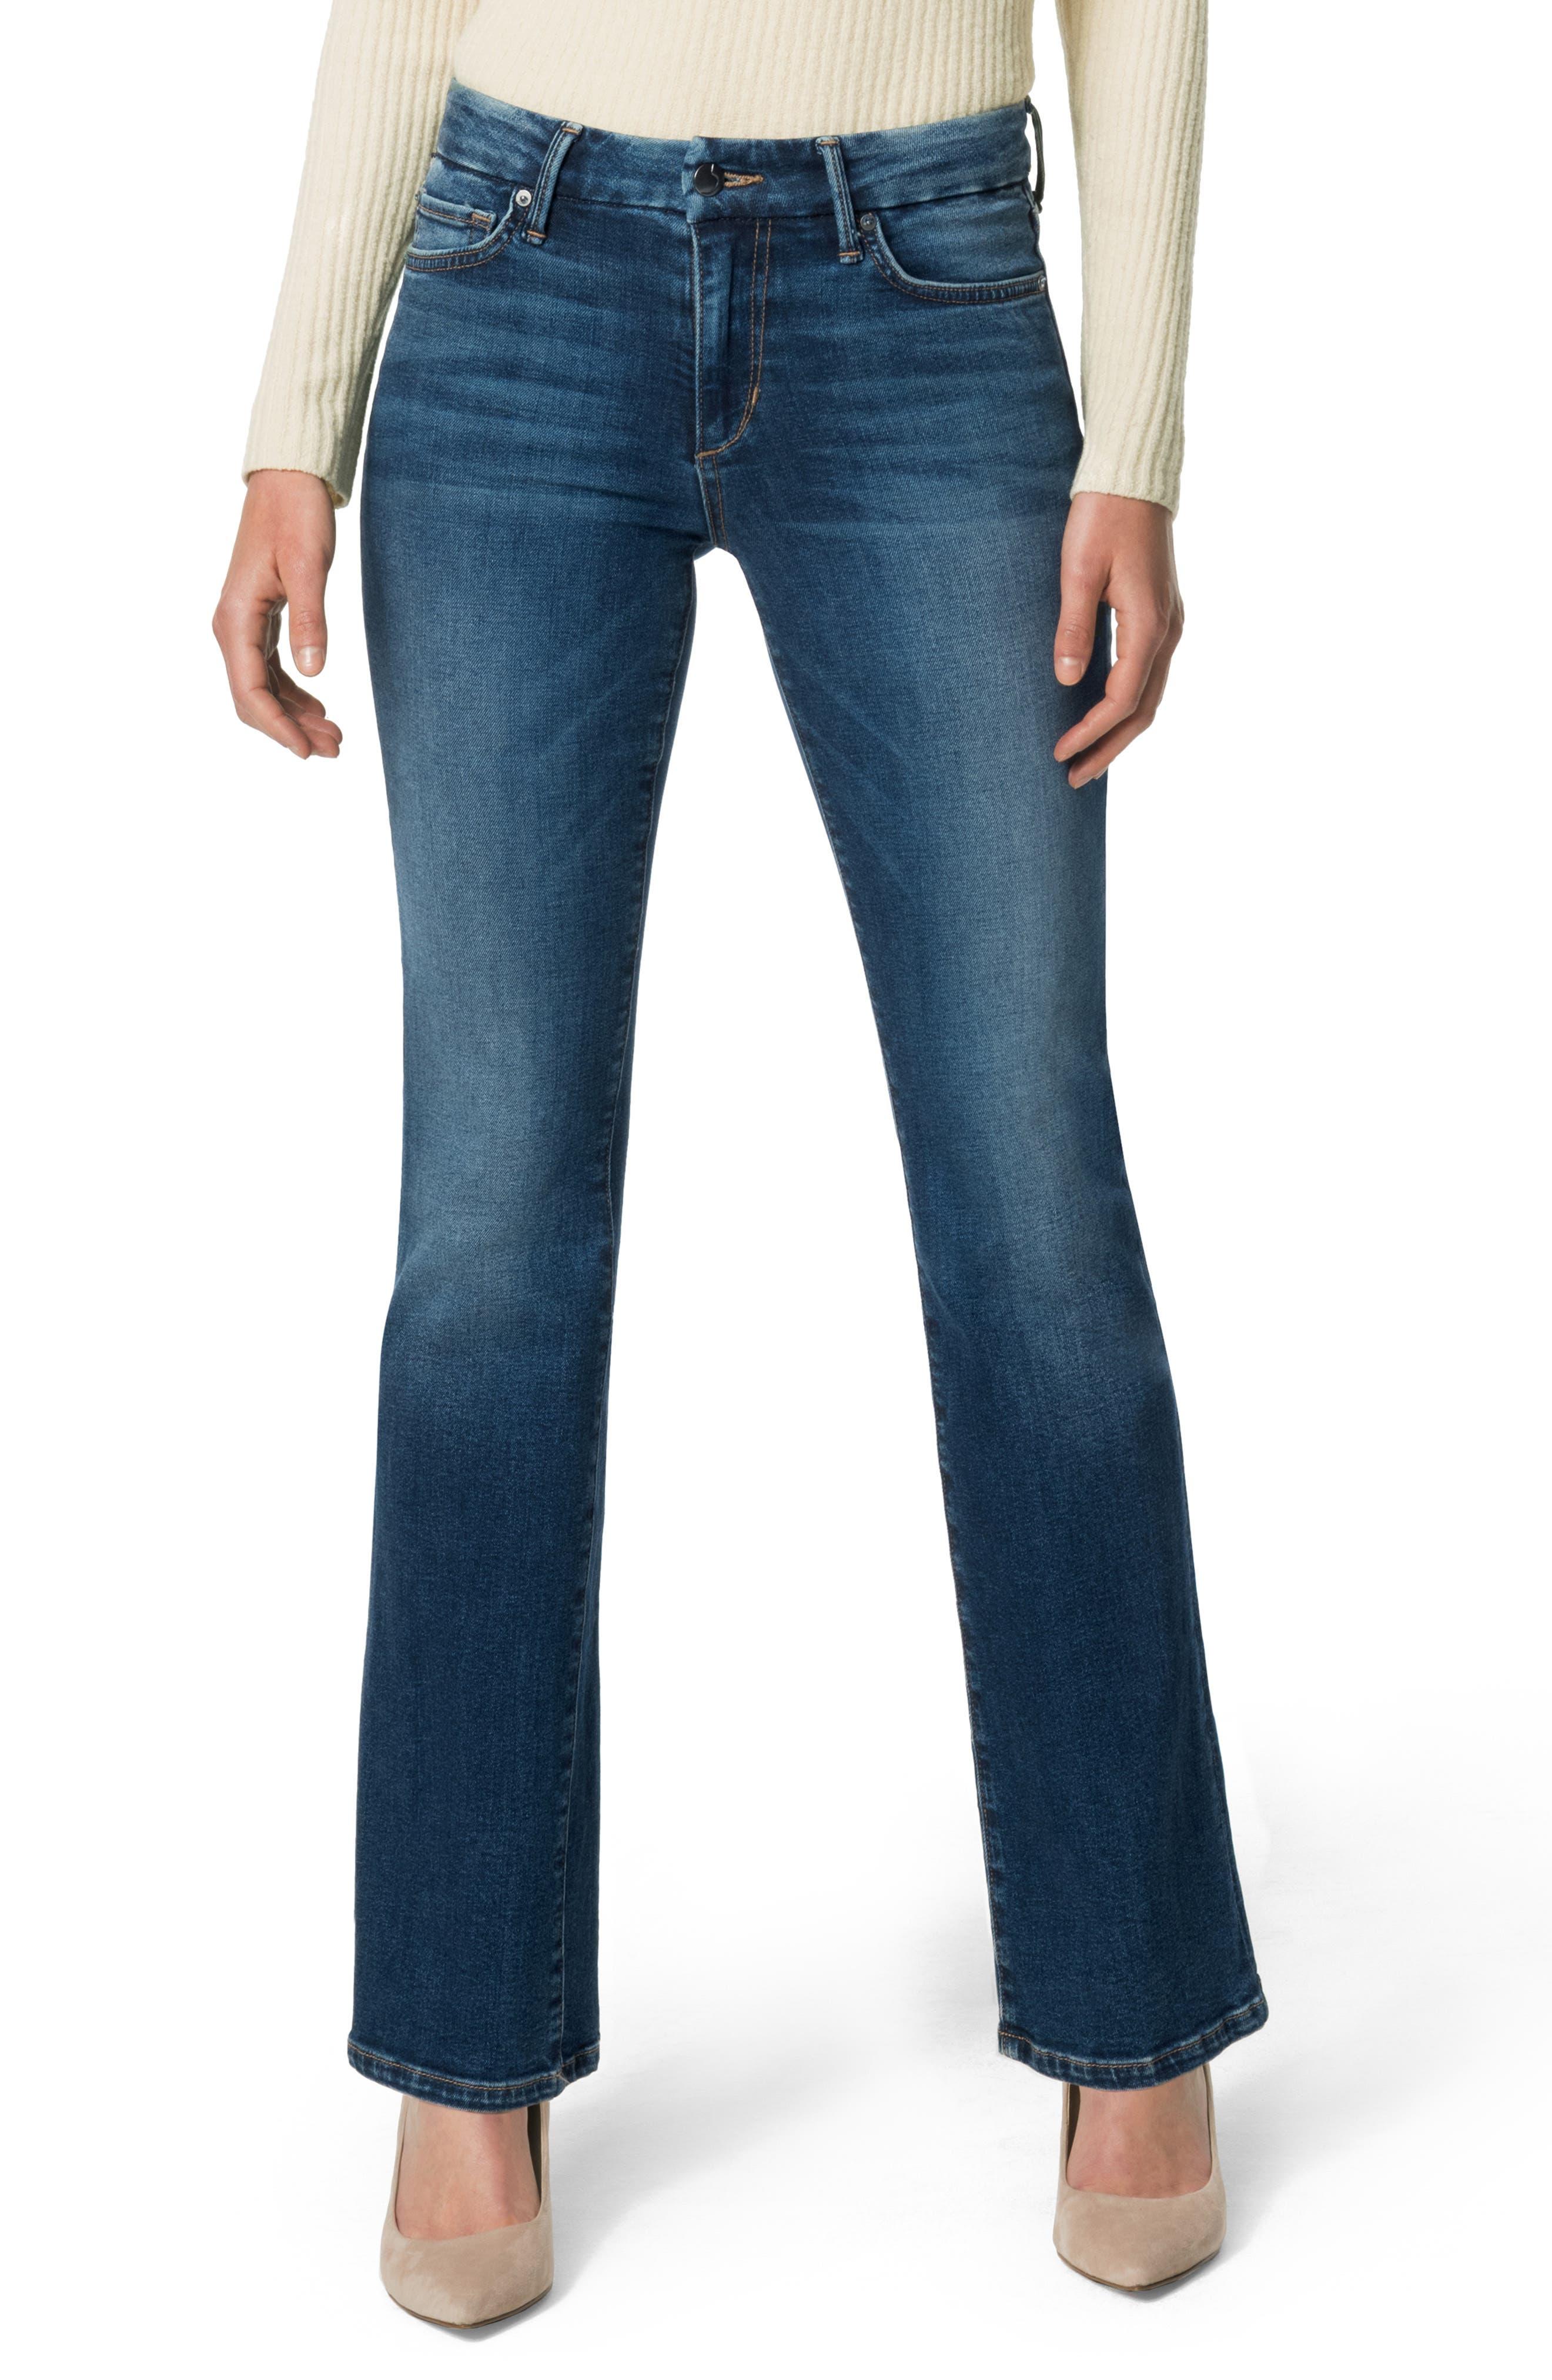 Petite Women's Joe's The Provocateur Bootcut Jeans